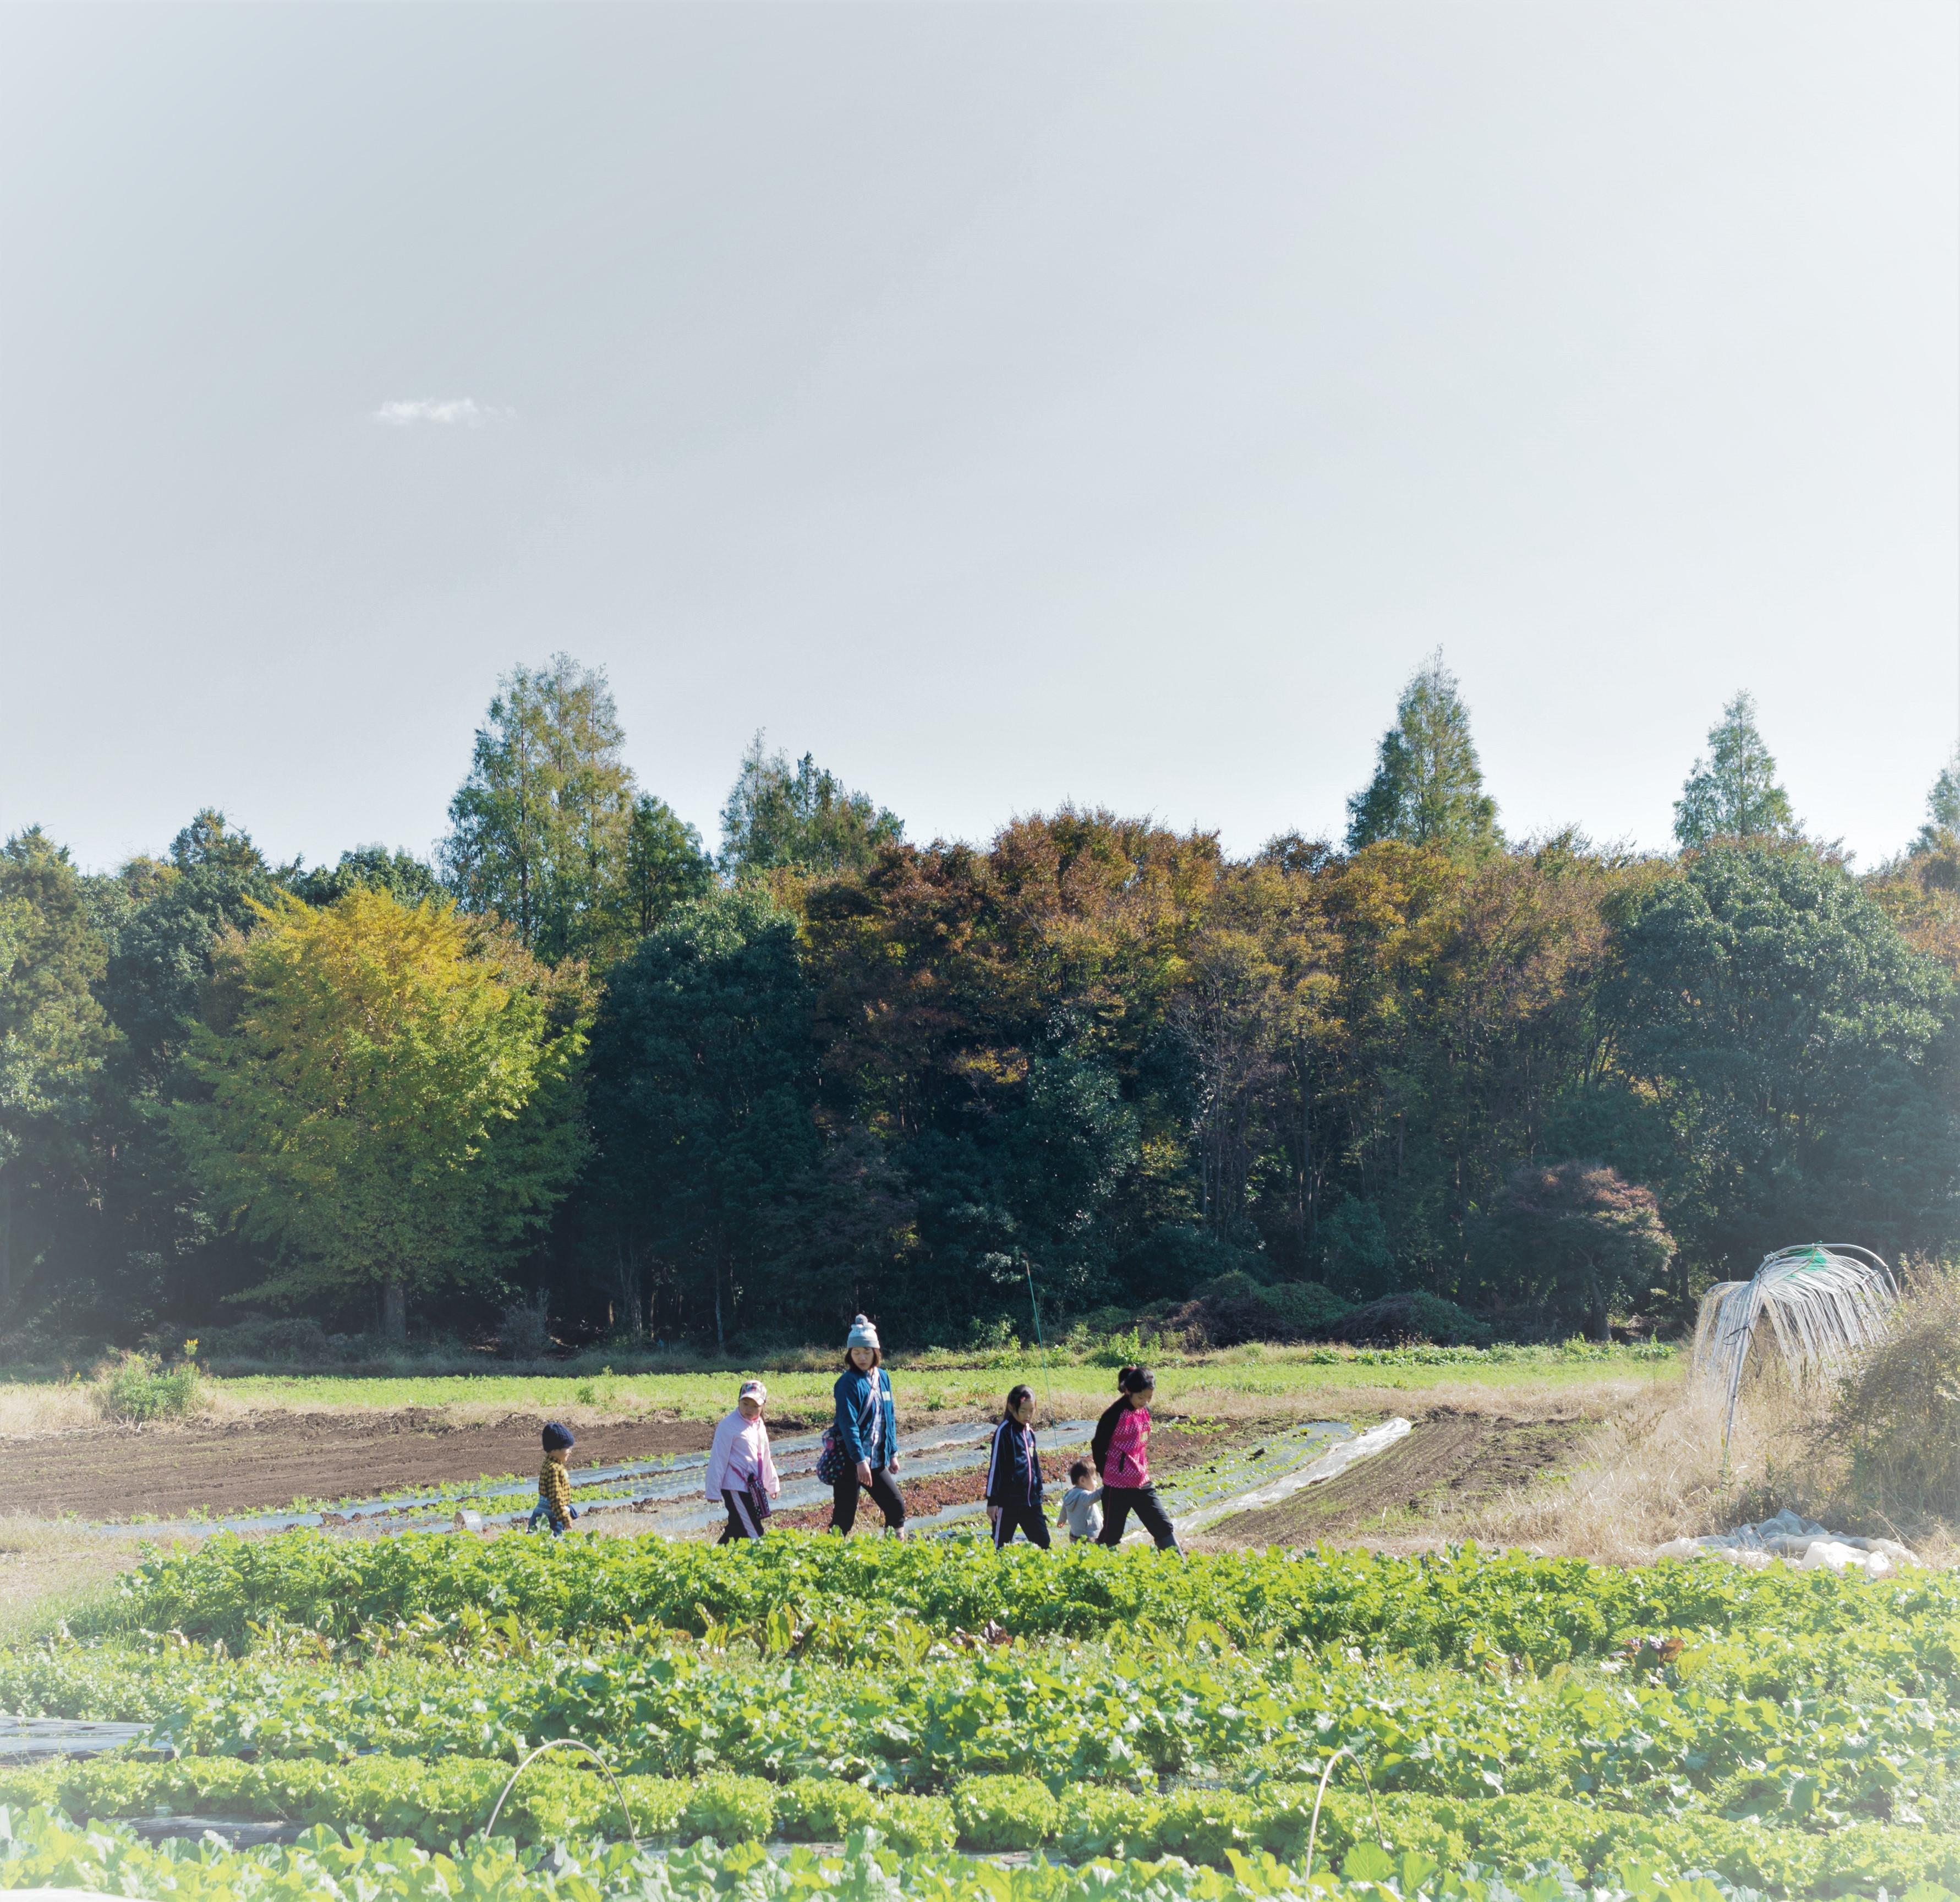 農園でゆっくり野菜収穫(4~6品目)&畑キッチン使い放題 Noraチケット 3回分 ★毎週金曜日OPEN★ 画像